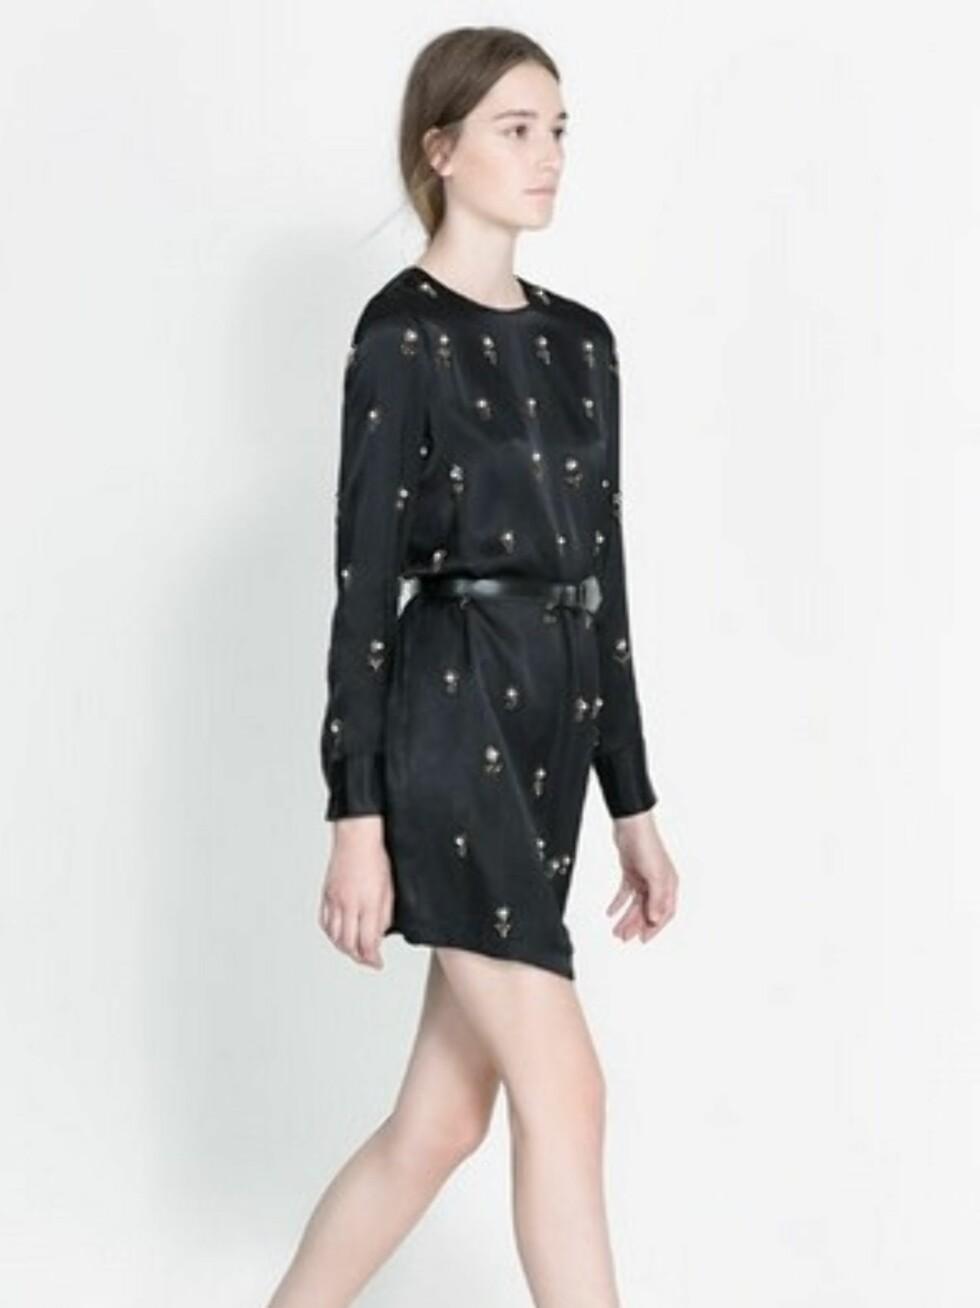 Superkul svart kjole med detaljer. 999 kroner, Zara.no.  Foto: Produsenten